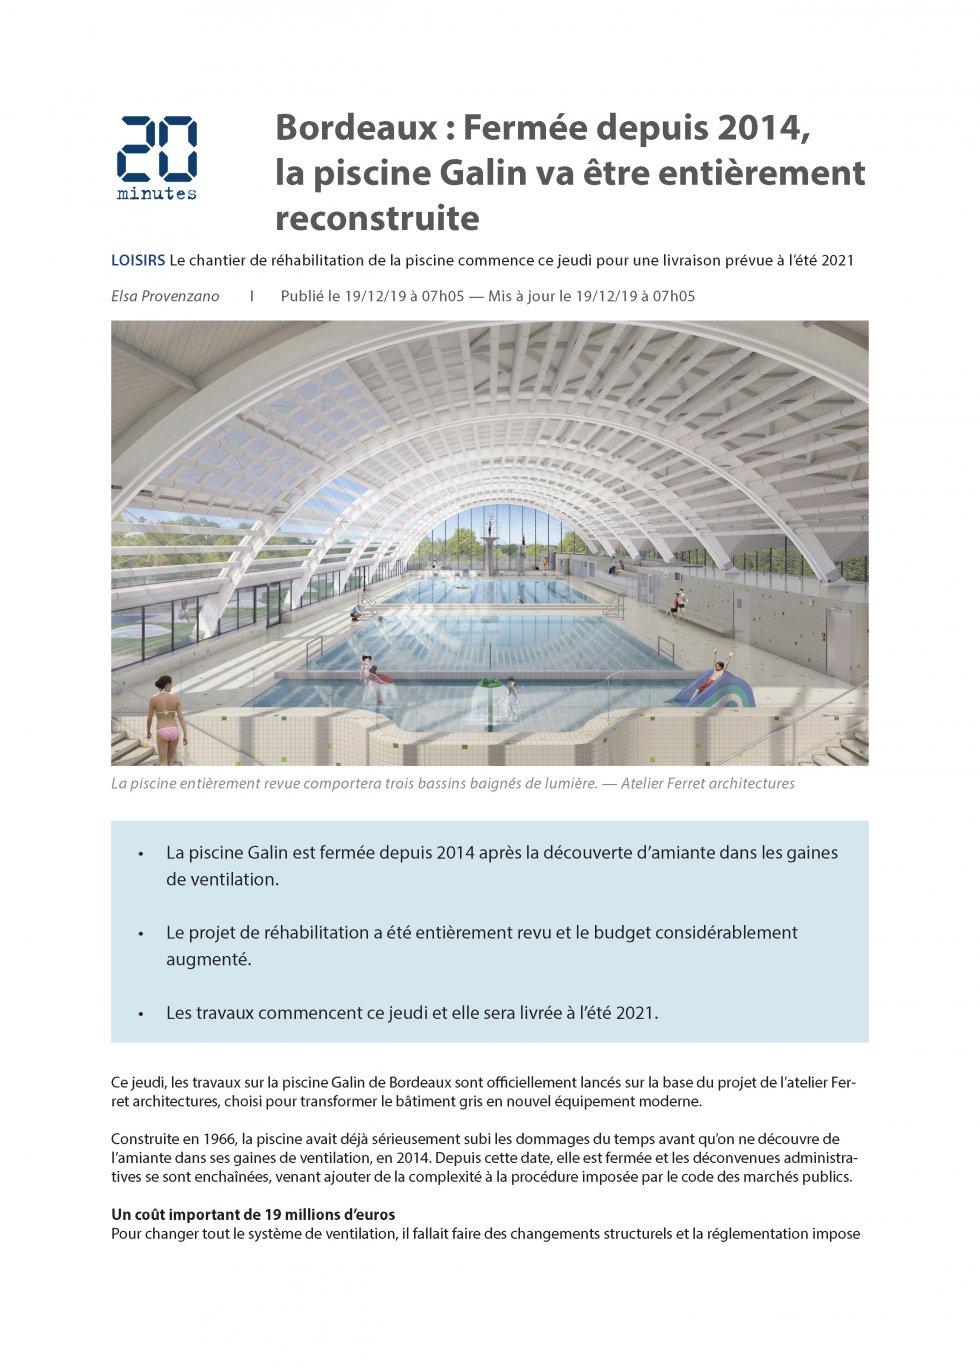 Bordeaux : Fermée depuis 2014, la piscine Galin va être entièrement reconstruite